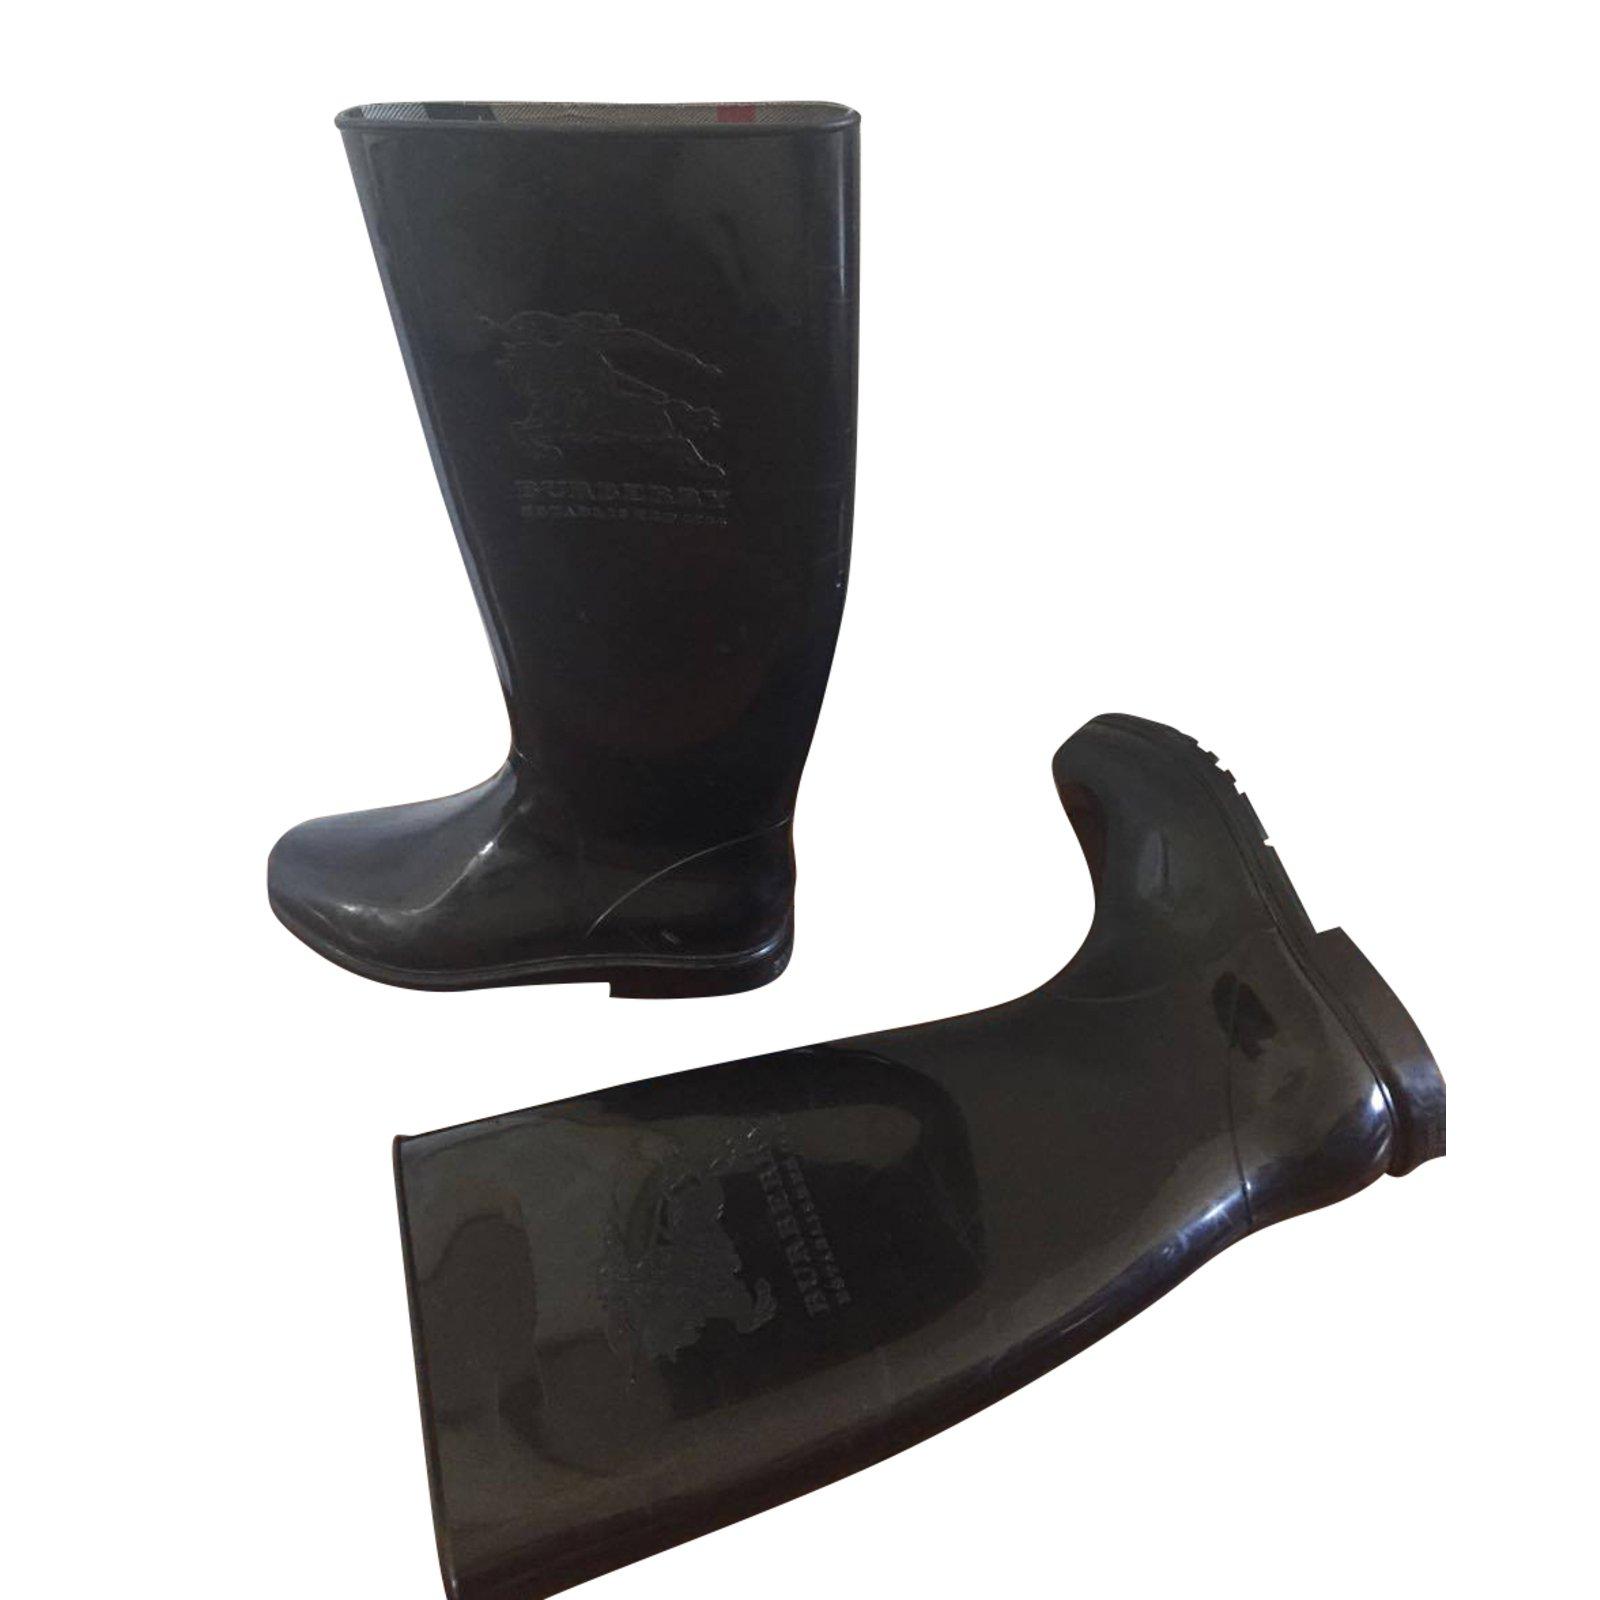 Connu Bottes Burberry Bottes de pluie Burberry en caoutchouc noir, état  MF48